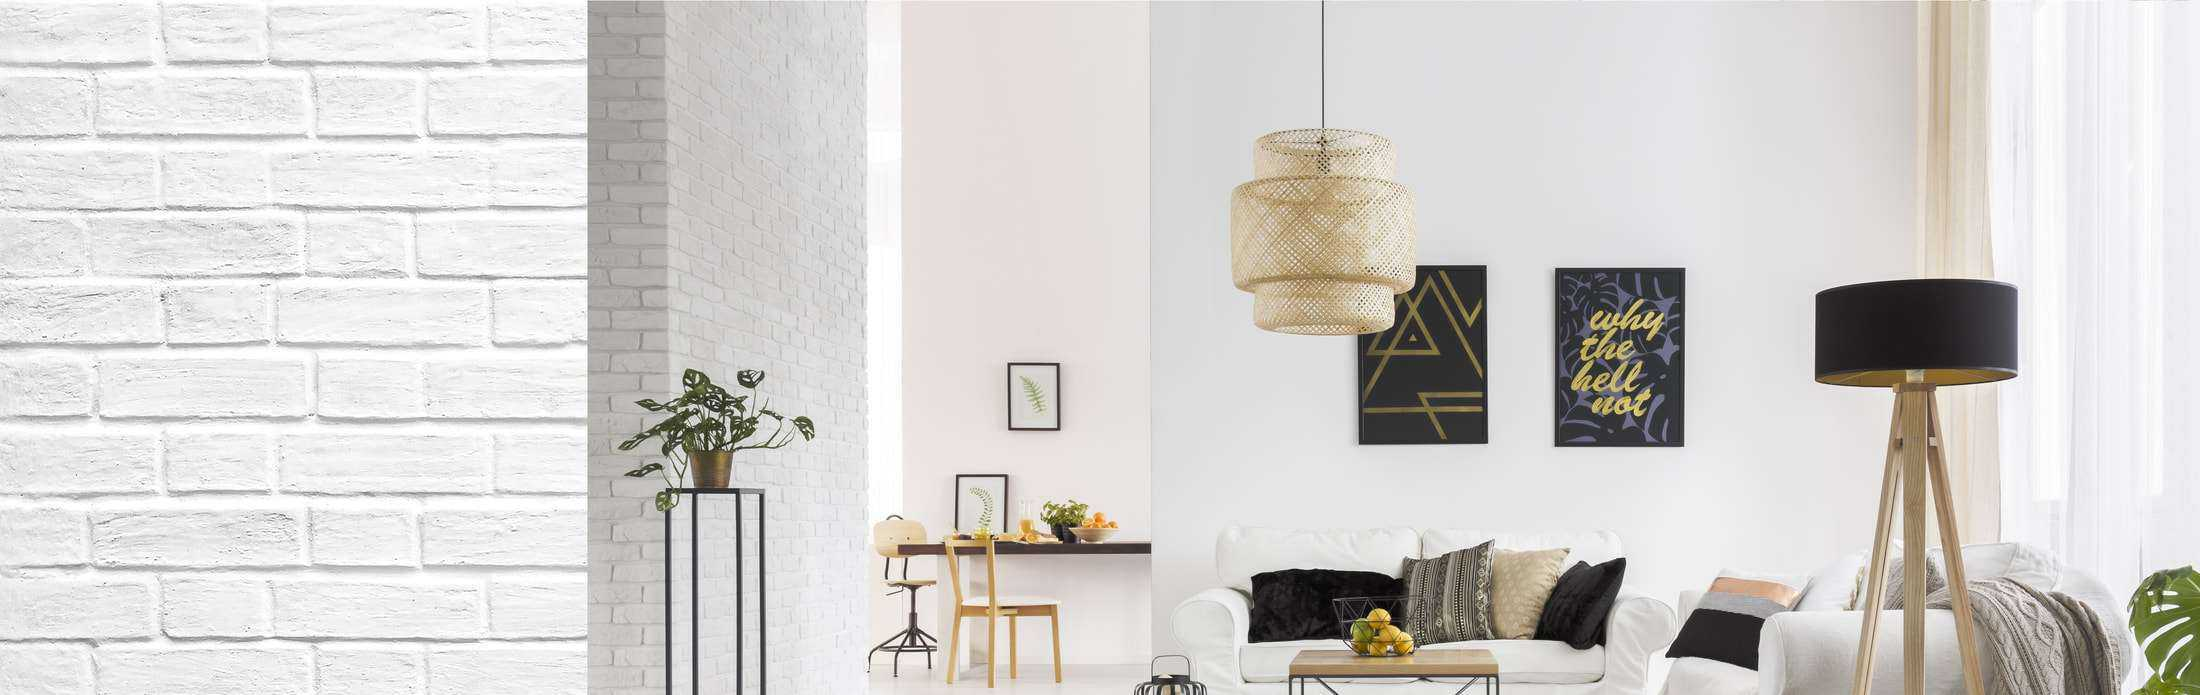 modern home lighting and decor